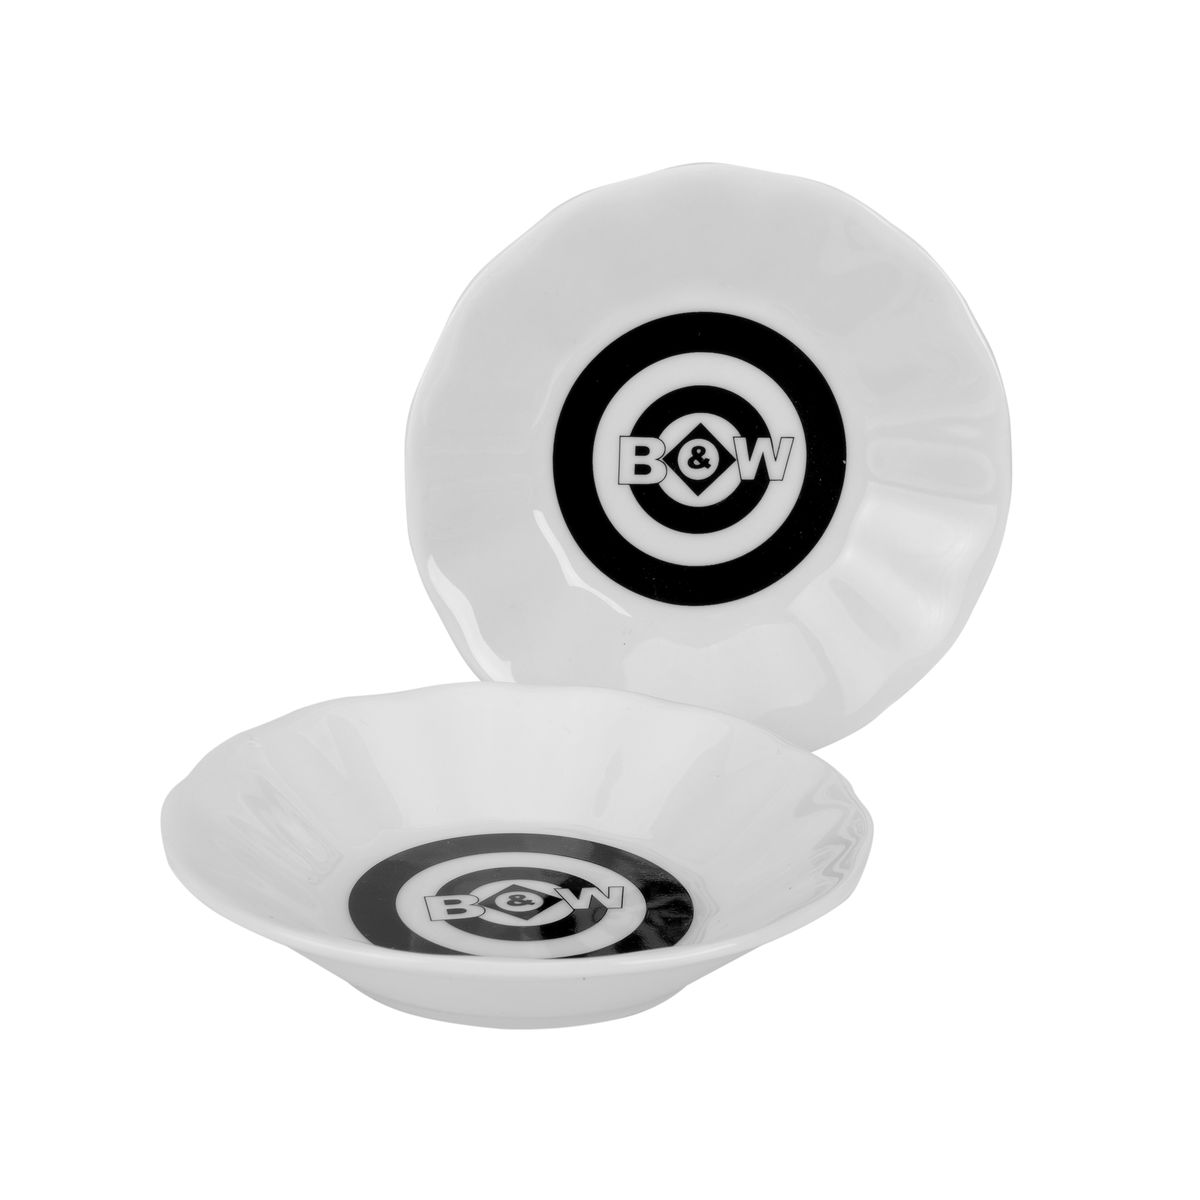 Набор подставок для чайных пакетиков GiftLand Black&White, цвет: черный, белый, 6 шт70033Набор подставок для чайных пакетиков GiftLand Black&White, изготовленный из фарфора, порадует вас оригинальностью и дизайном. Подставки выполнены в форме блюдечка и декорированы черно-белым рисунком. В наборе - 4 подставки.Подставки, несомненно, понравятся любой хозяйке, а кухонный стол всегда будет чистым, без нежелательных разводов от чайных пакетиков. Изделия также можно использовать в качестве тарелок для меда и джема.Диаметр подставки: 10,5 см.Высота подставки: 2,3 см.